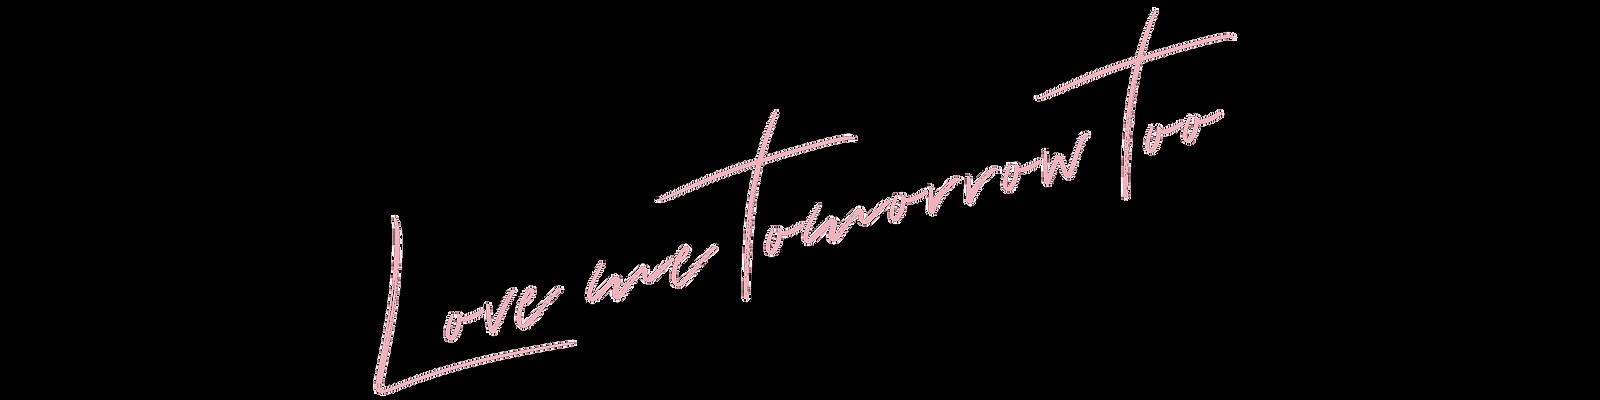 love-me-tomorrow-too.png